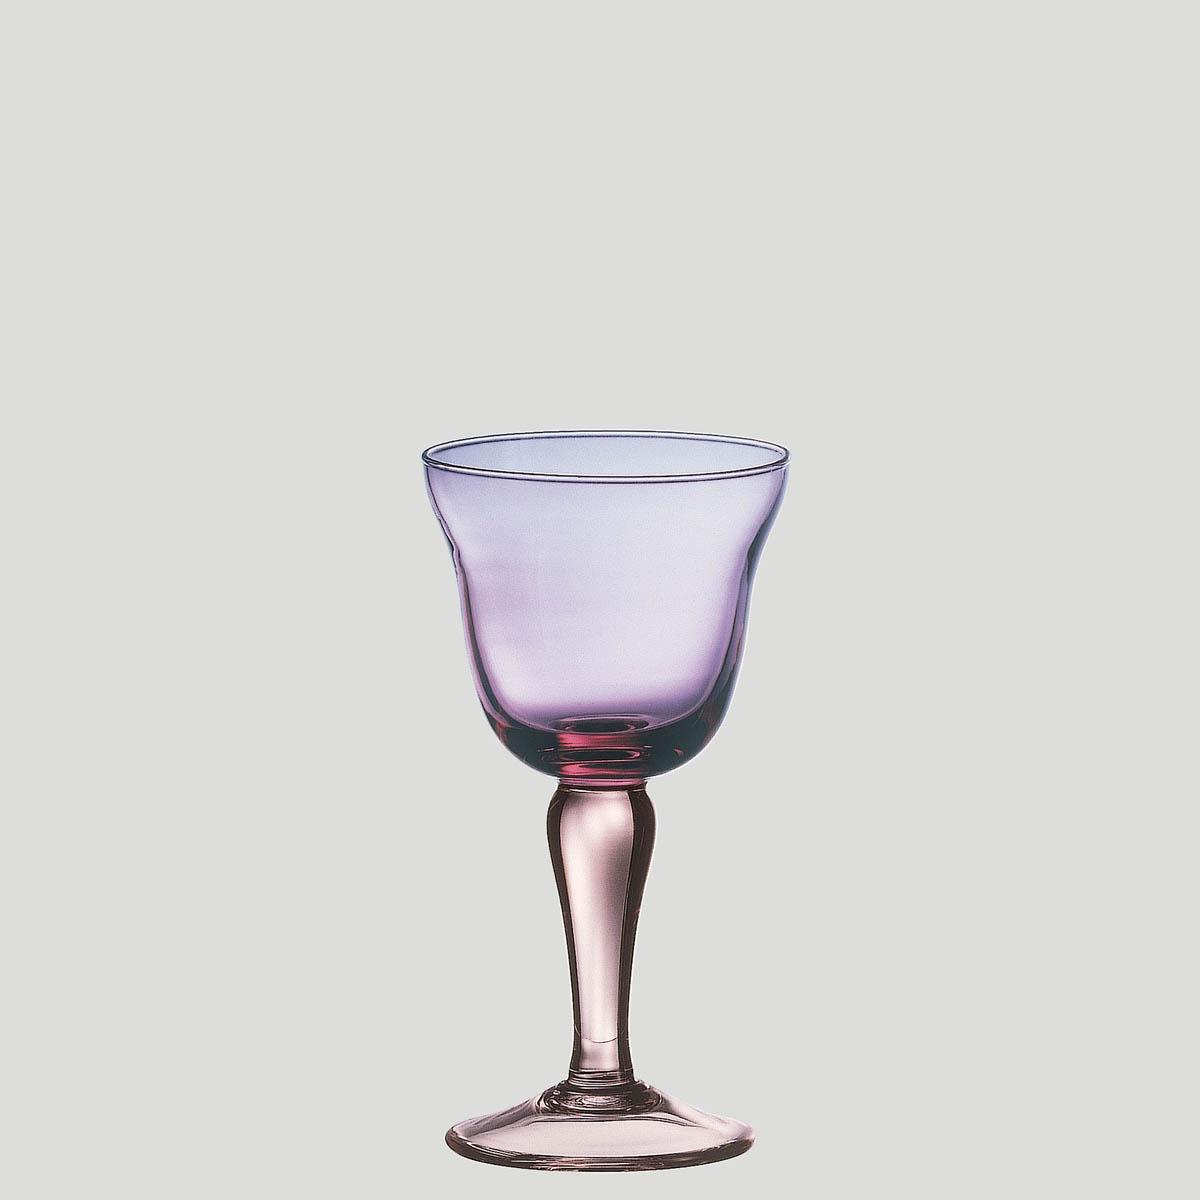 Lucca media - Coppa per gelato in vetro - Gardagel